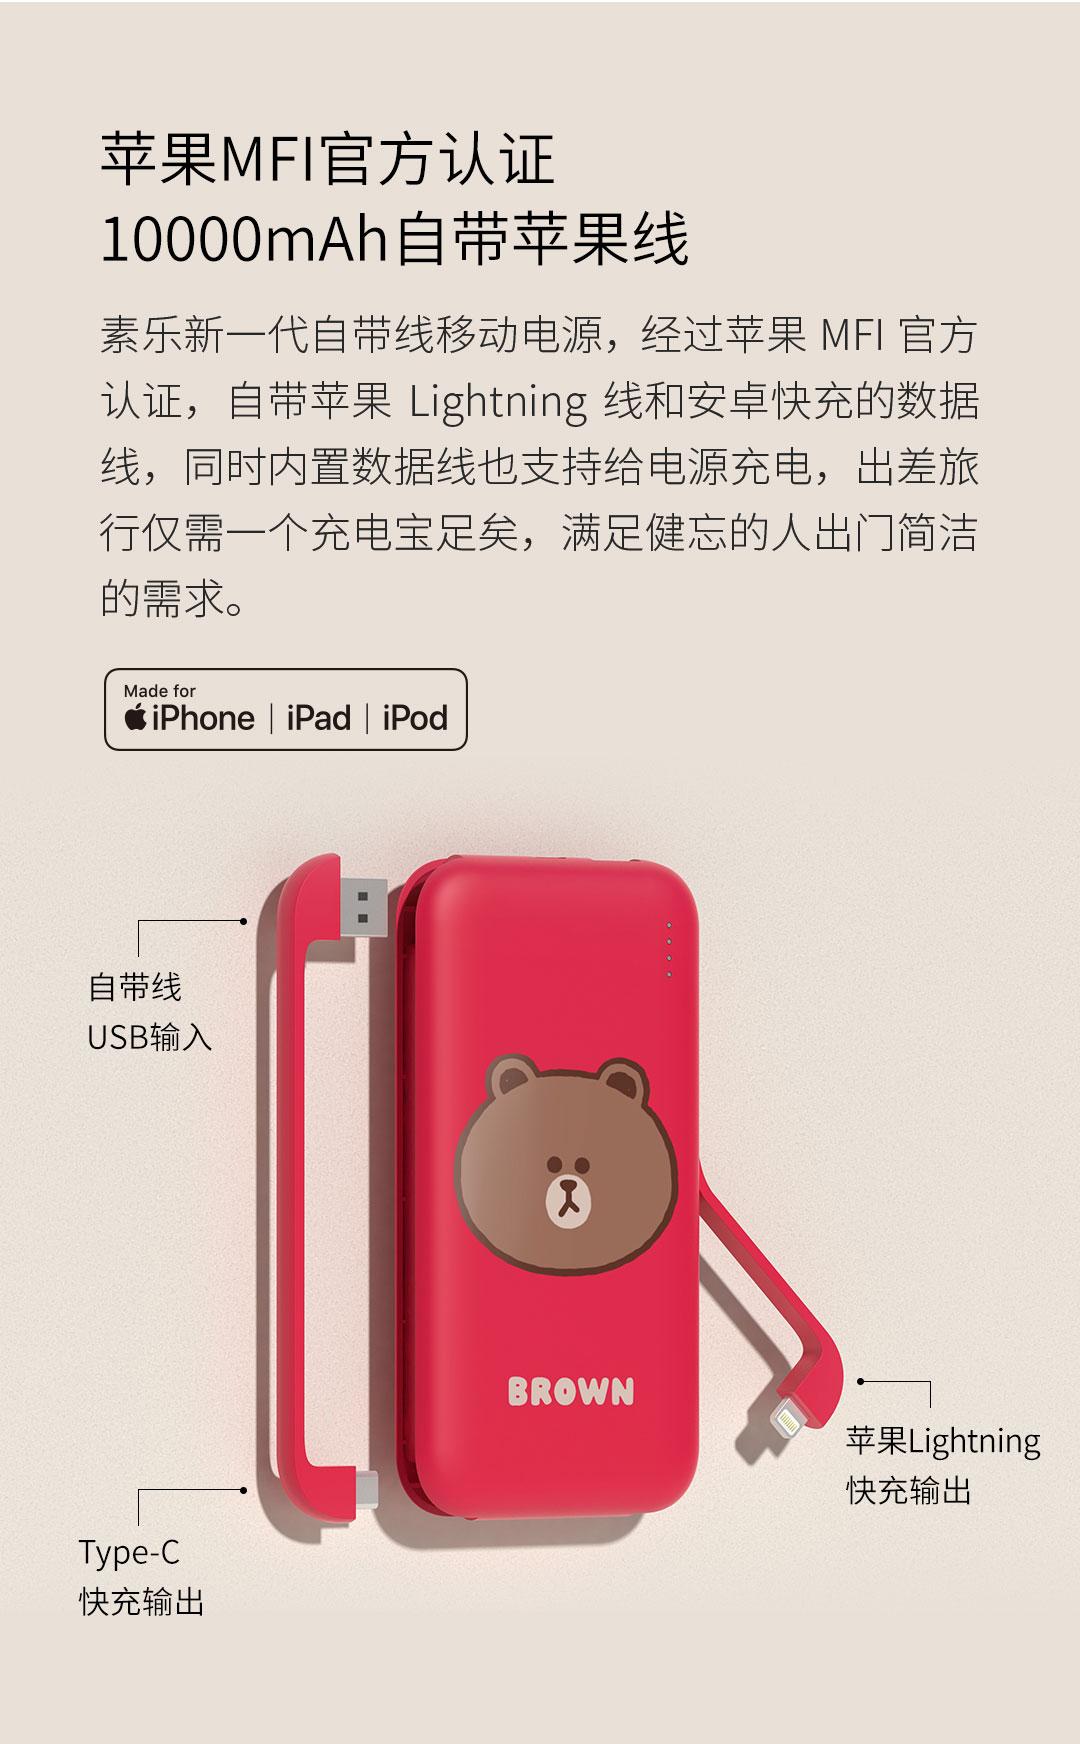 素乐line联名充电宝_小巧便携自带线快充轻薄迷你移动电源